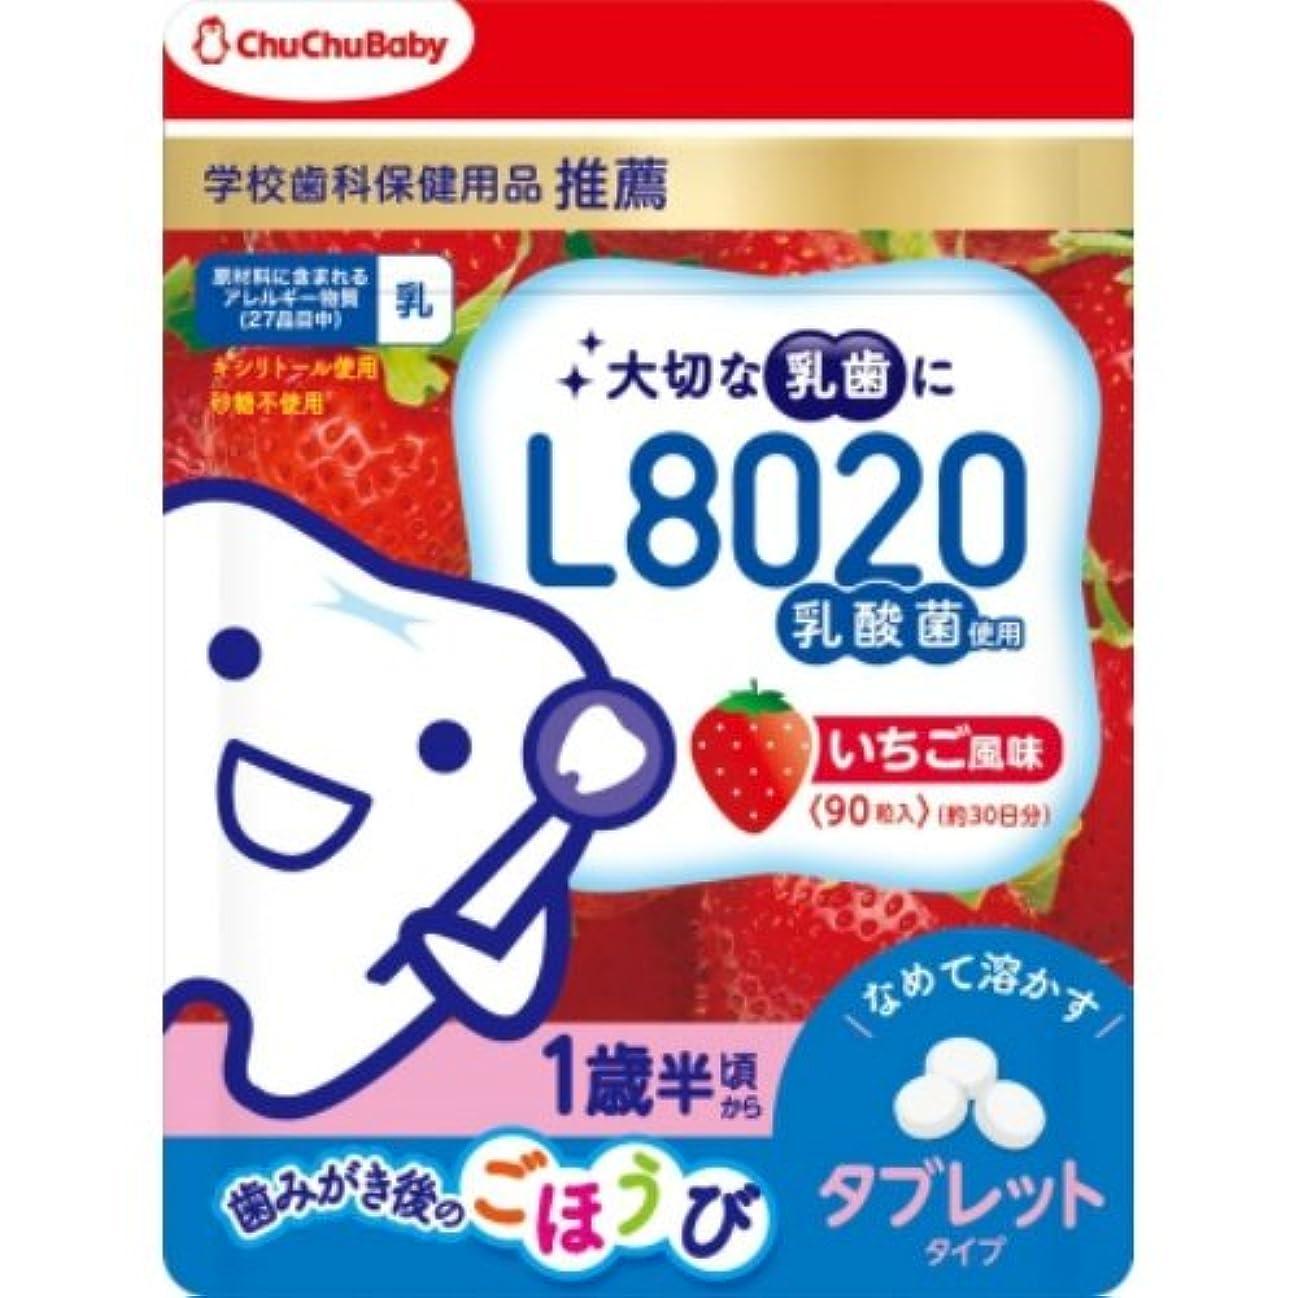 マットレス衝動中絶L8020乳酸菌チュチュベビータブレットいちご風味 × 5個セット